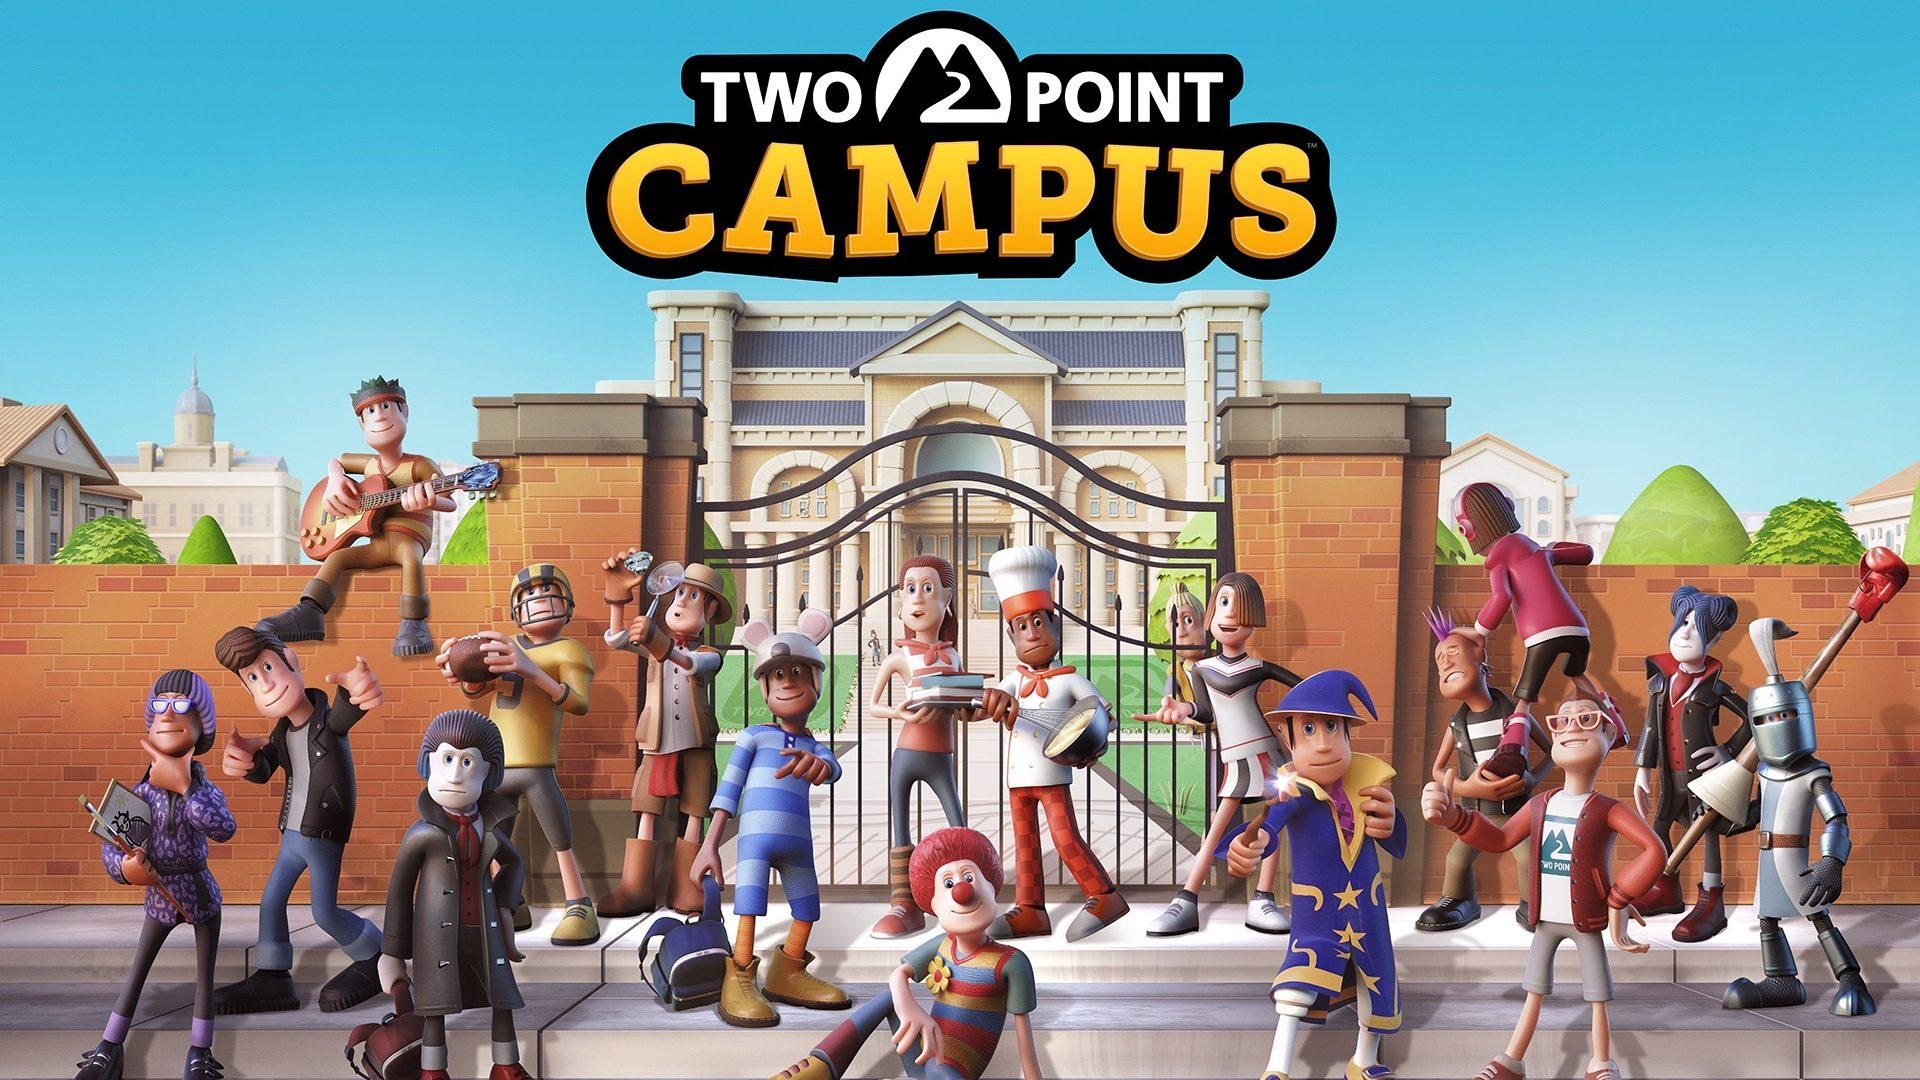 Two Point Campus, Two Point Hospital Takımından Gelecek Yeni Üniversite Kurma Oyunu Olacak